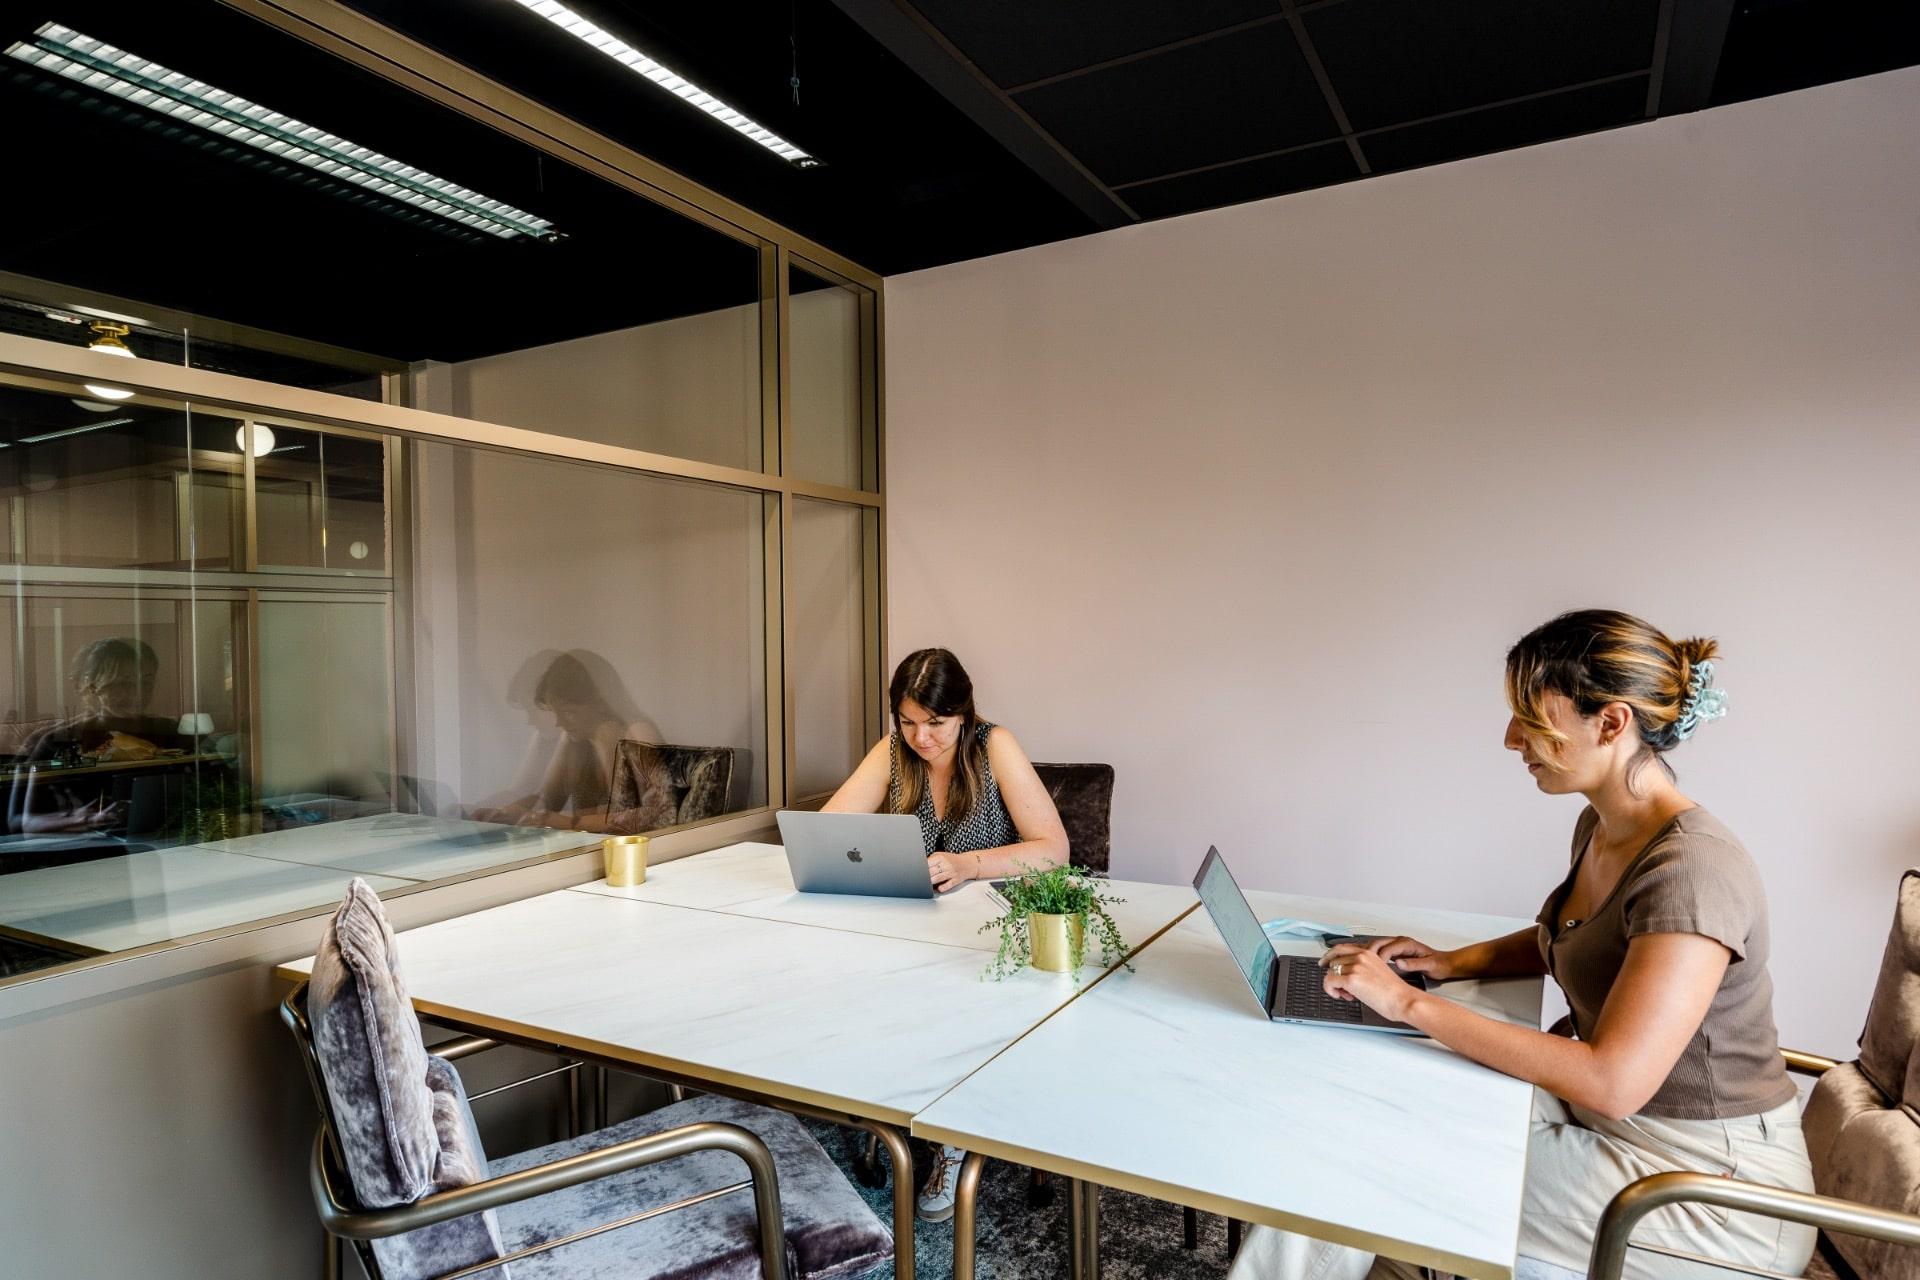 Bureaux_2_now-coworking-bordeaux